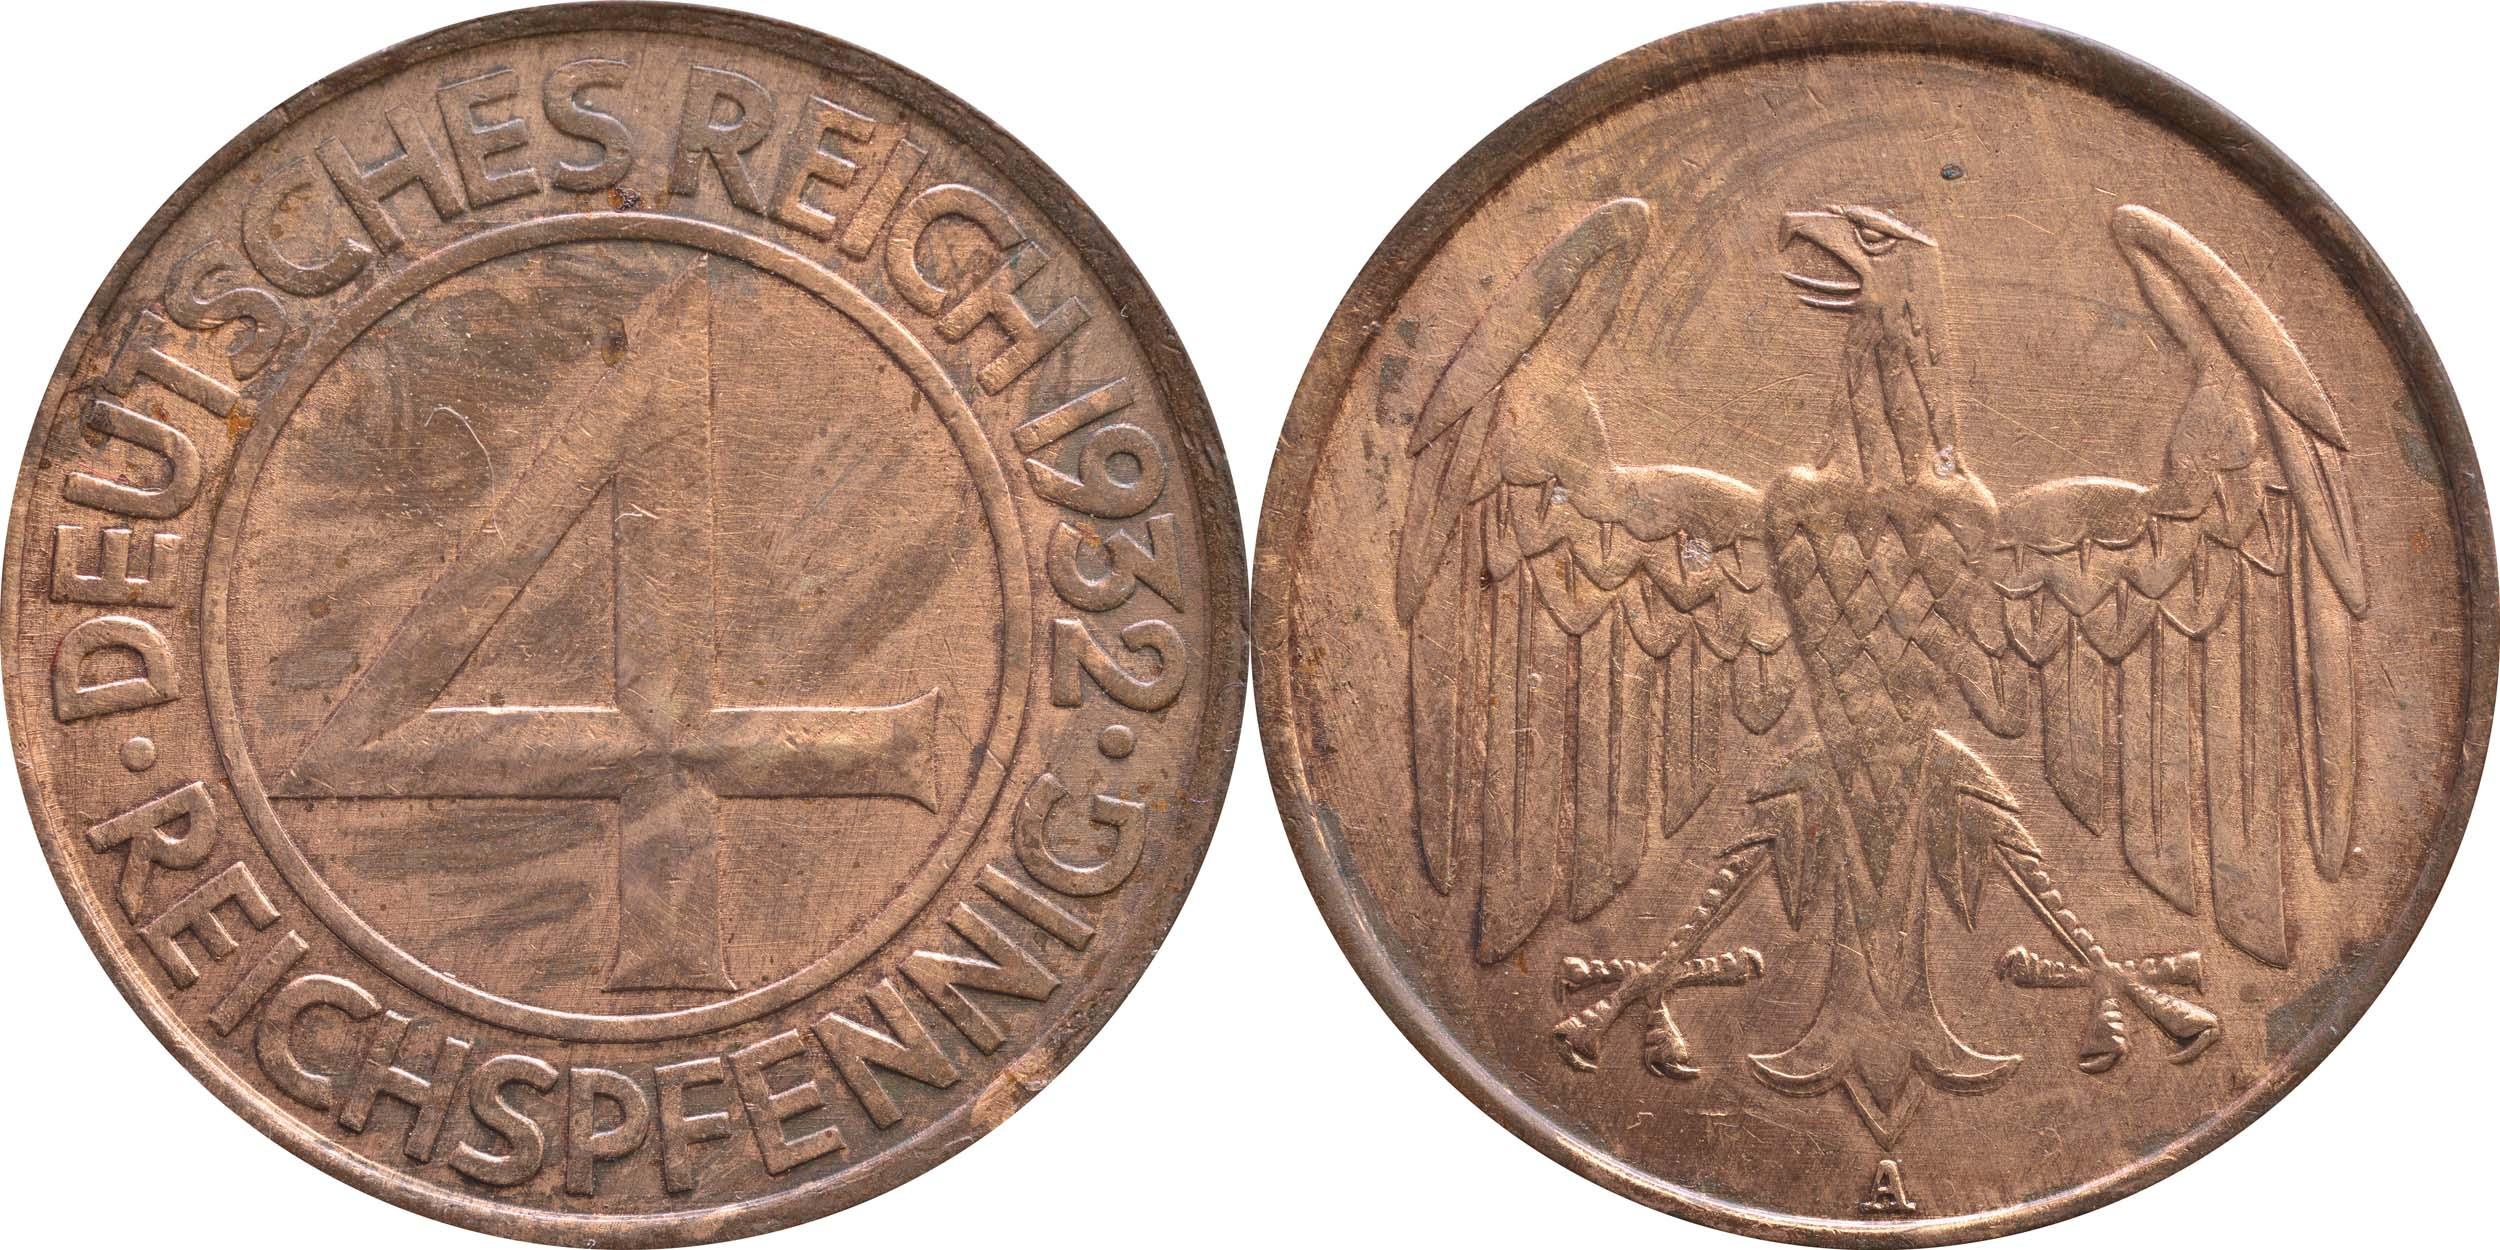 Lieferumfang:Deutschland : 4 Reichspfennig Kursmünze  1932 ss.